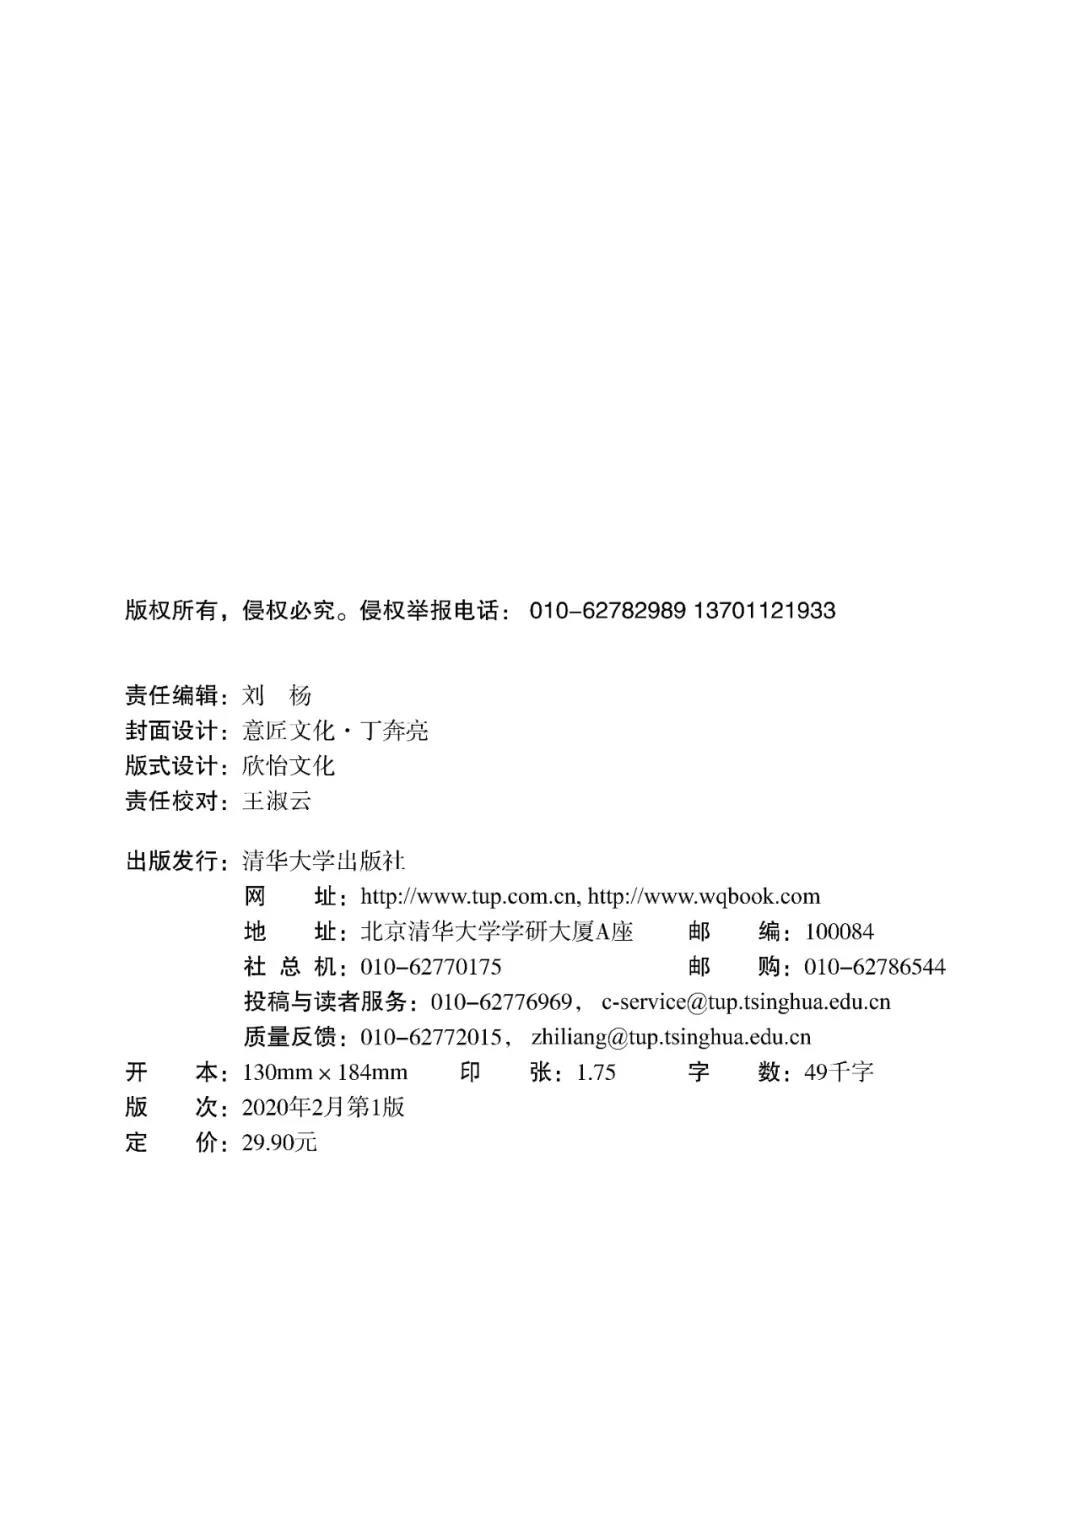 微信图片_20200215141230.jpg